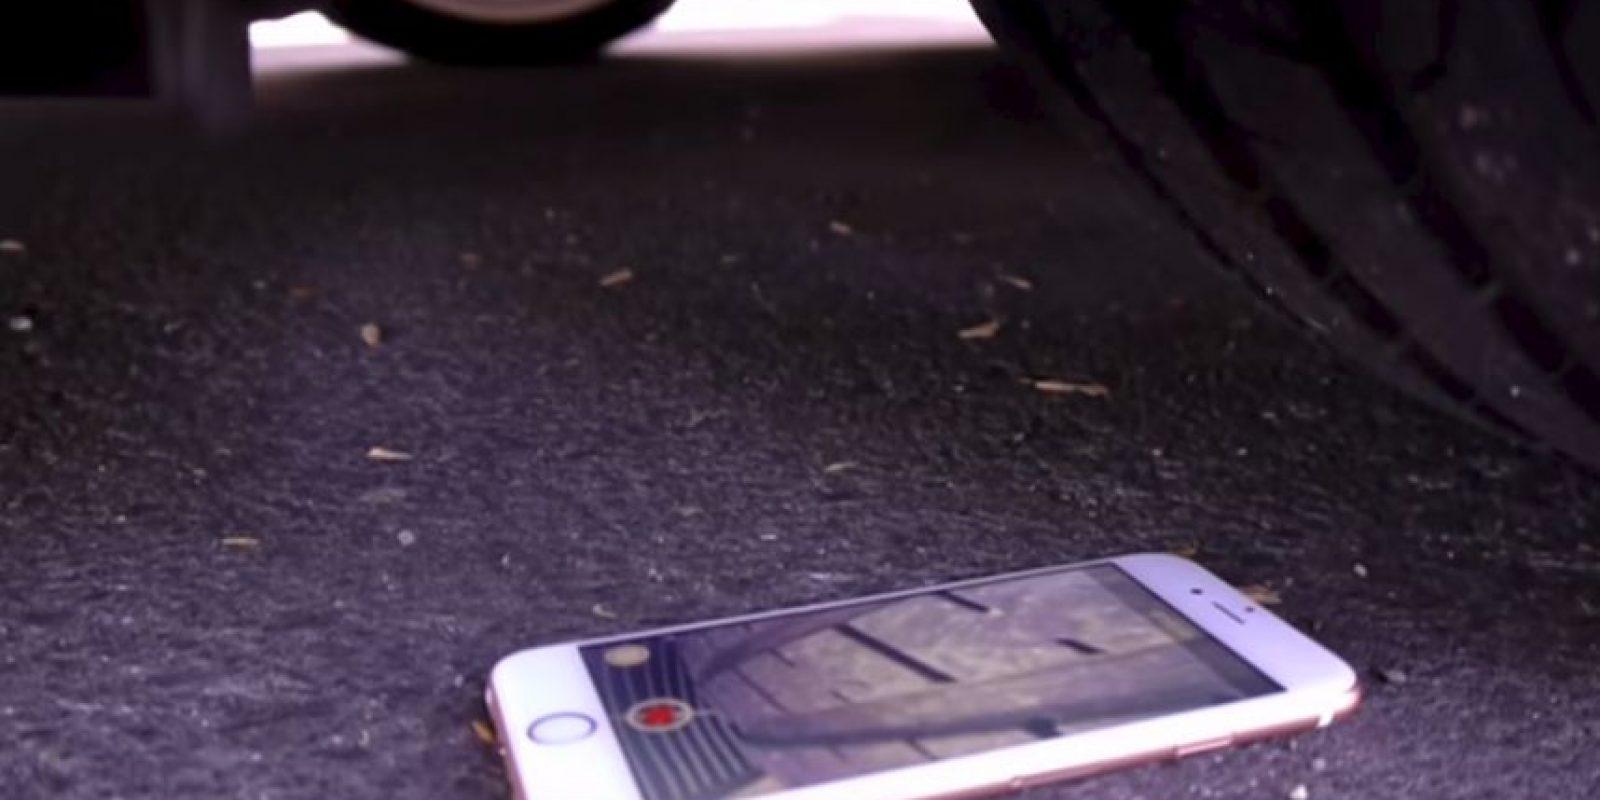 También se grabó la perspectiva del dispositivo al ser aplastado Foto:TechRax/YouTube